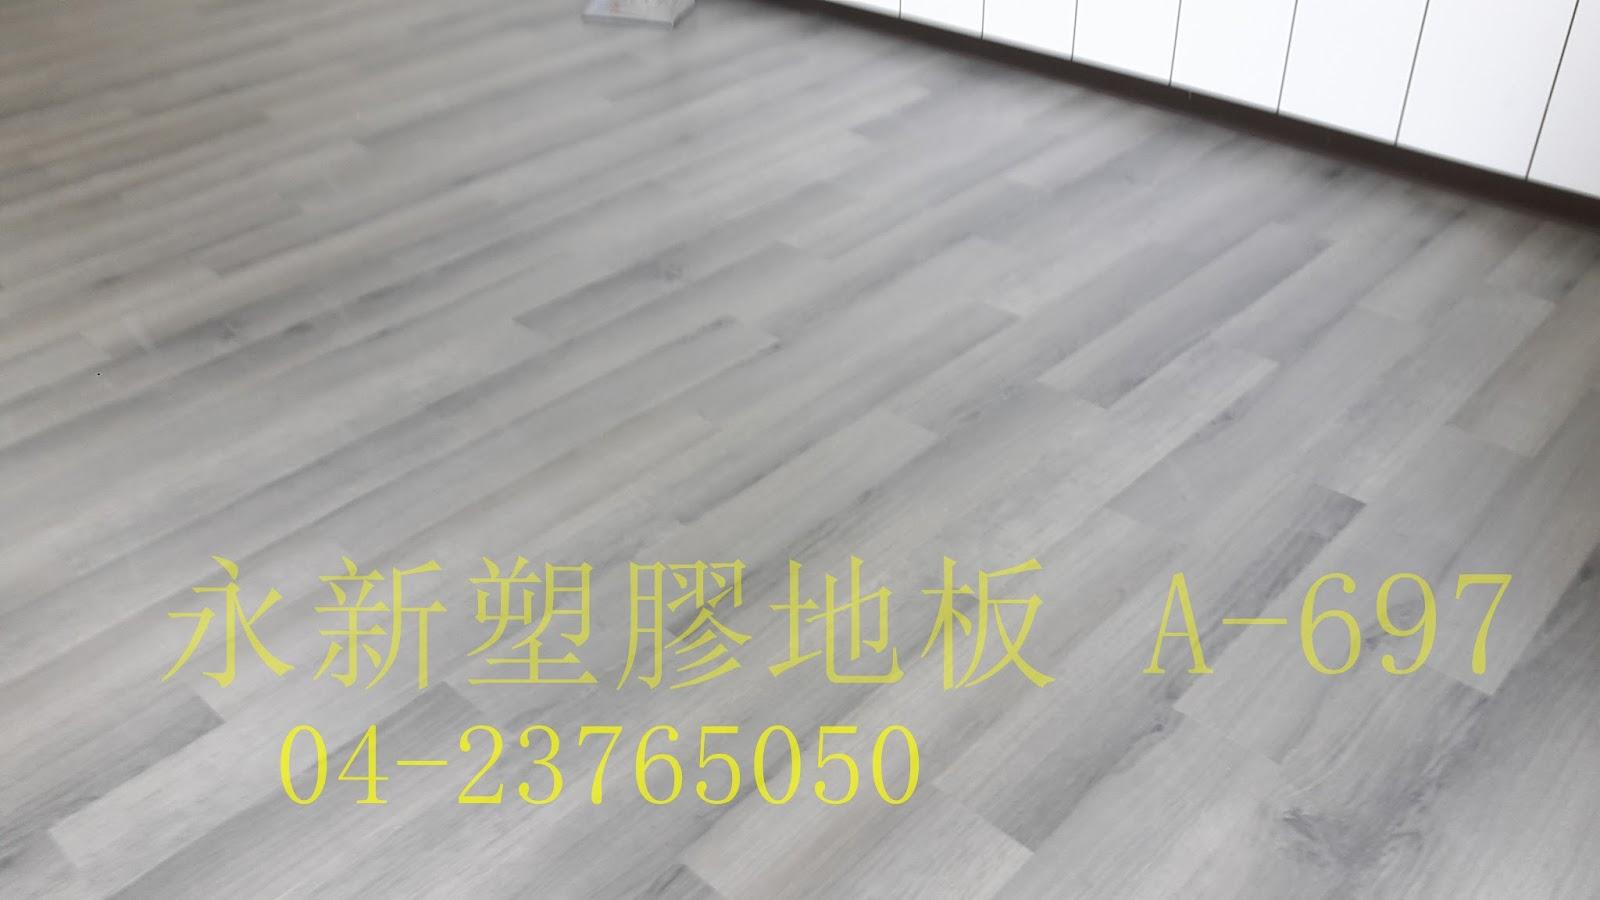 福樂FLOOR WORKS A計畫A697